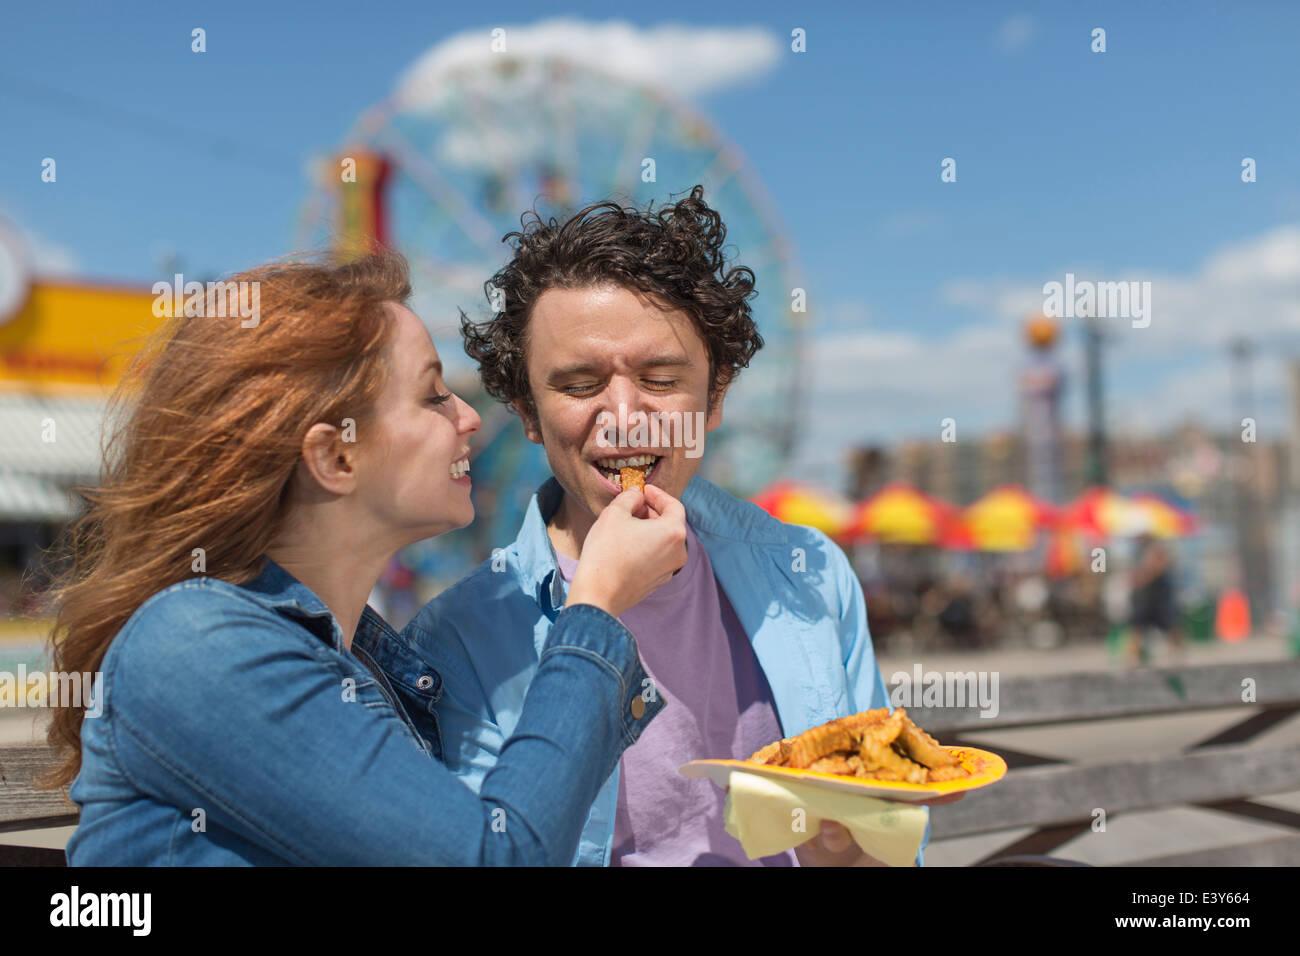 Coppia romantica di alimentare ciascun altro chip al parco divertimenti Immagini Stock